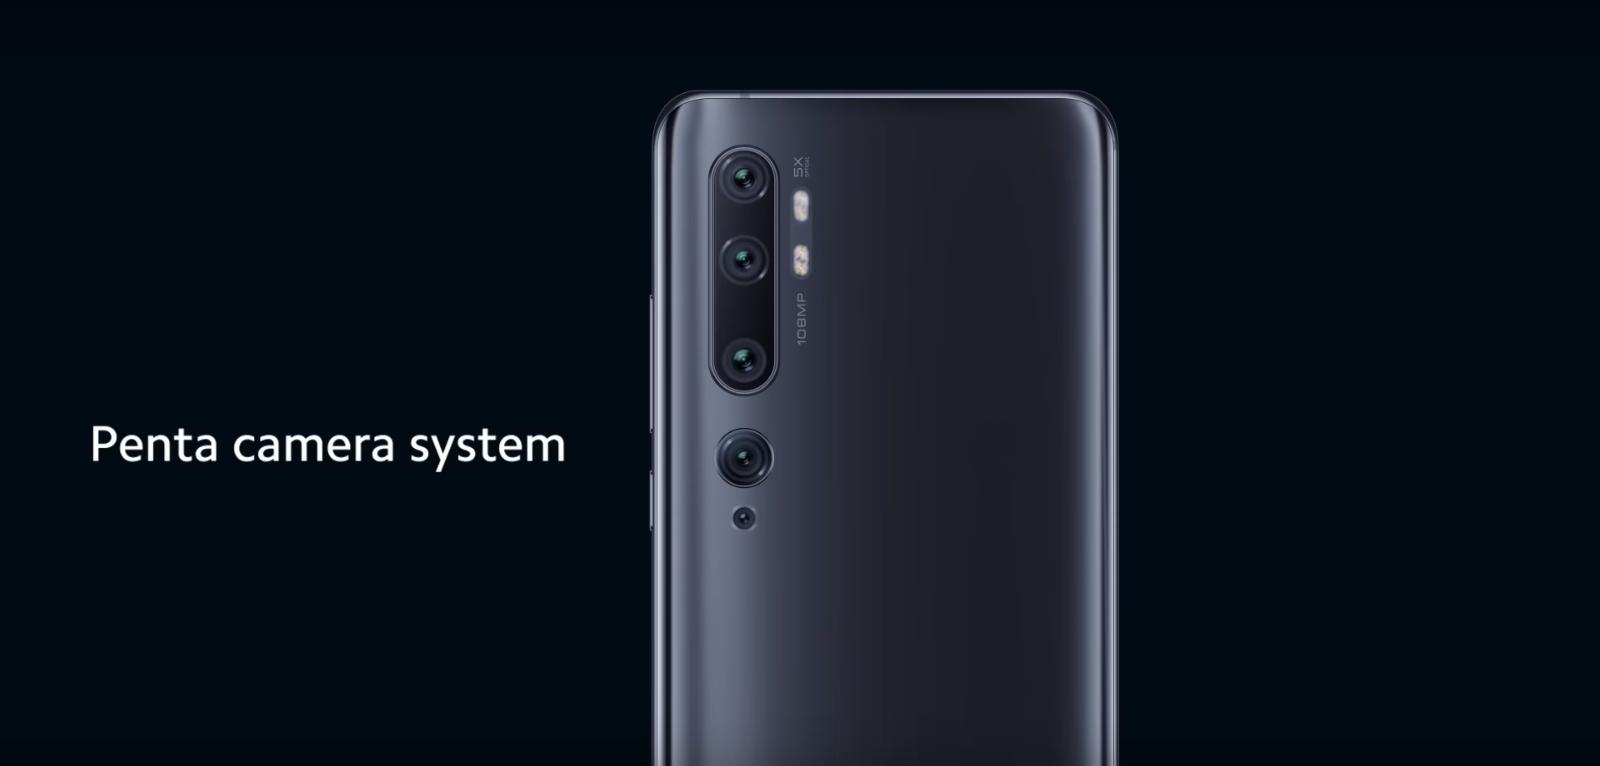 L'iPhone 11 Pro ne fait pas aussi bien que le Xiaomi Mi Note 10 sur le terrain de la photo selon DxOMark